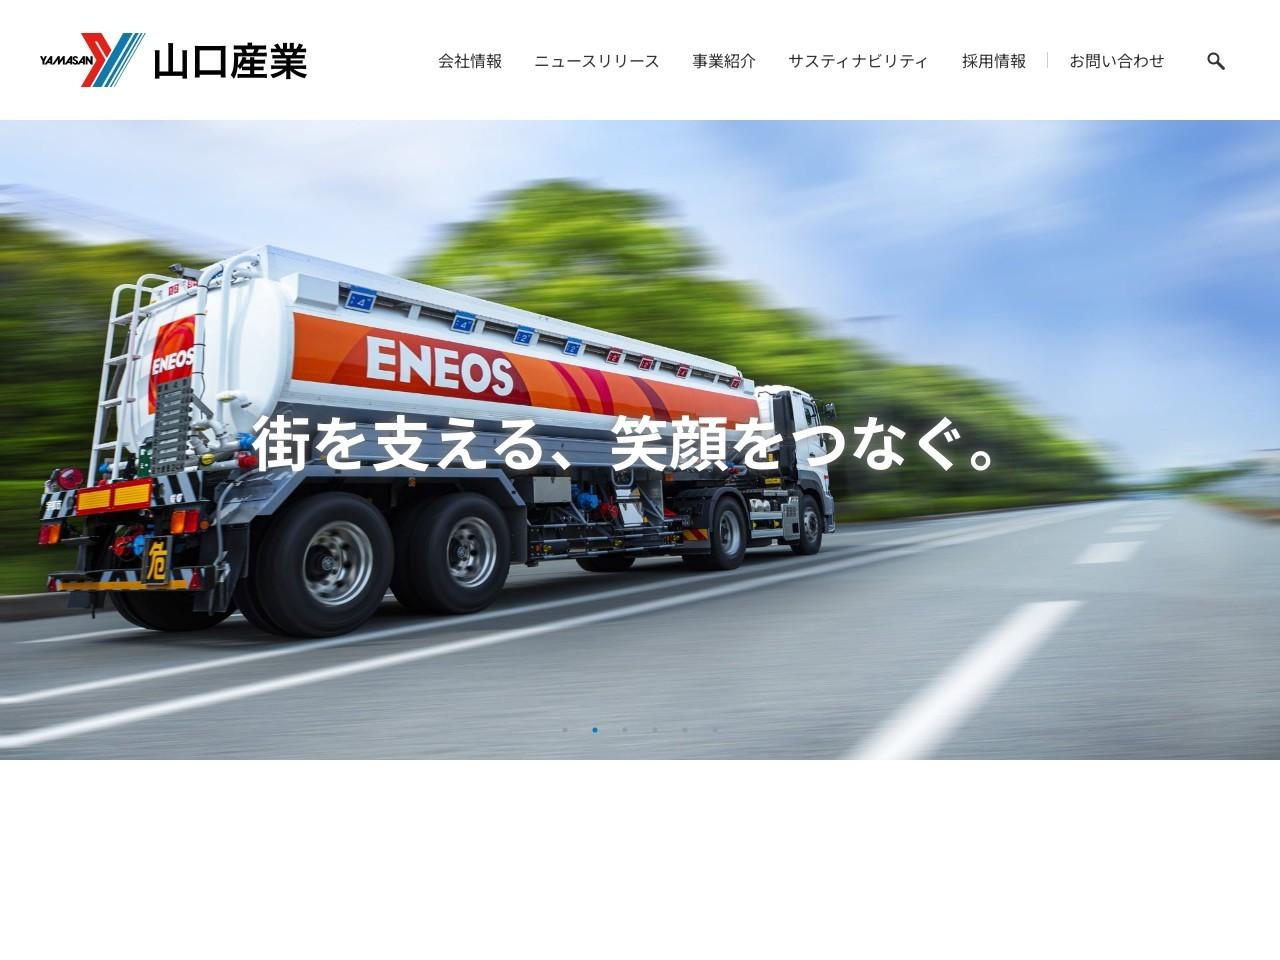 山口産業株式会社大阪支店